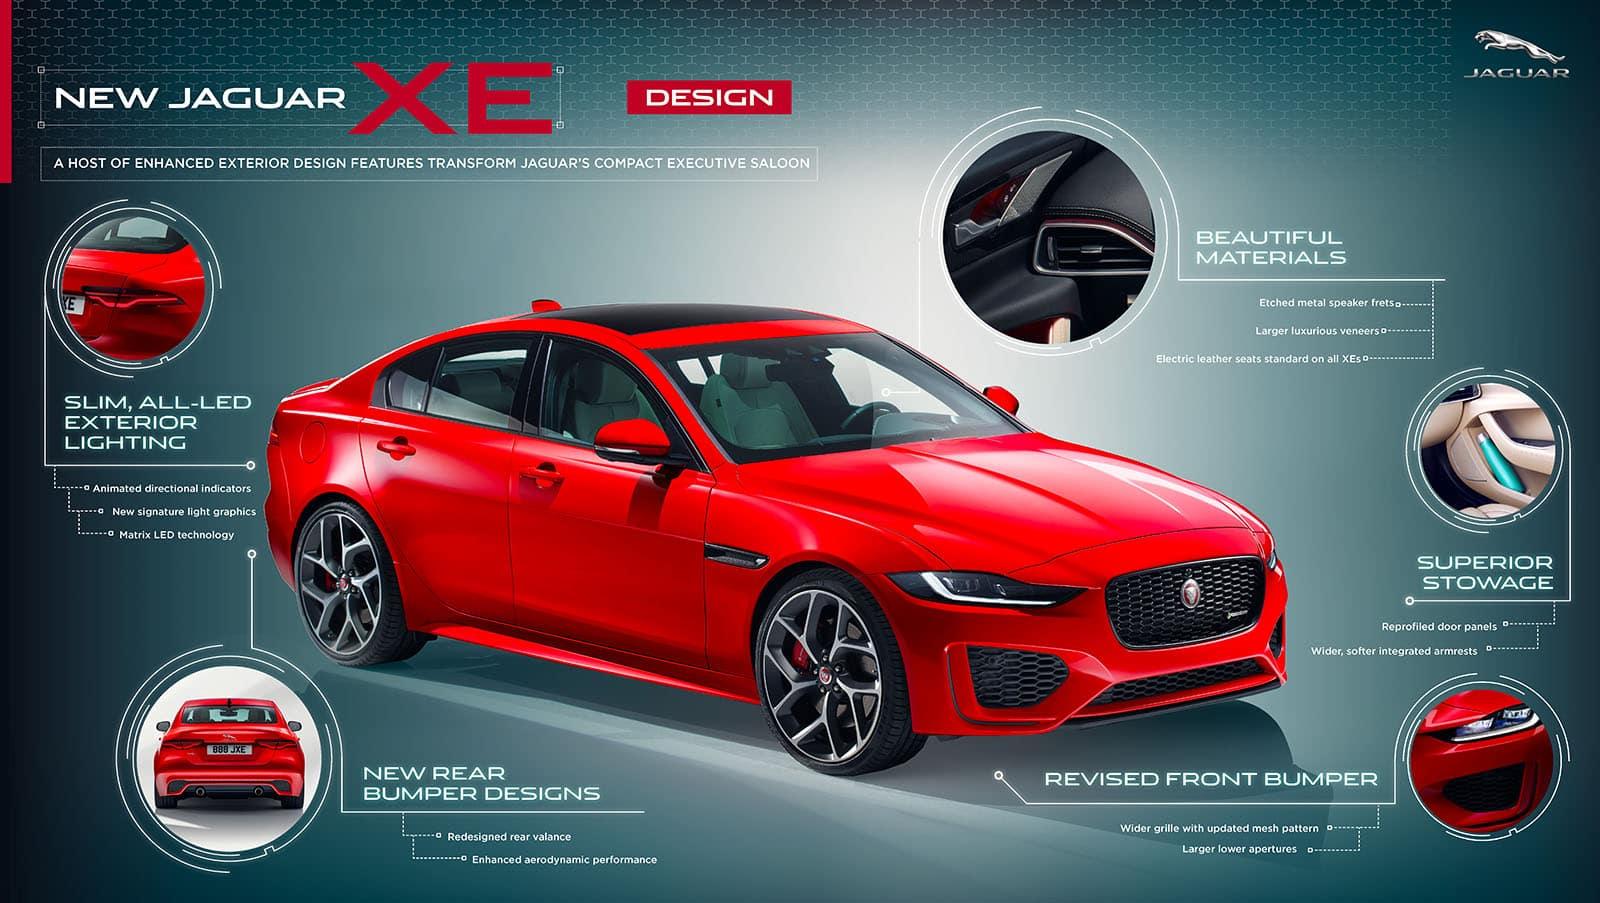 2020 Jaguar XE information